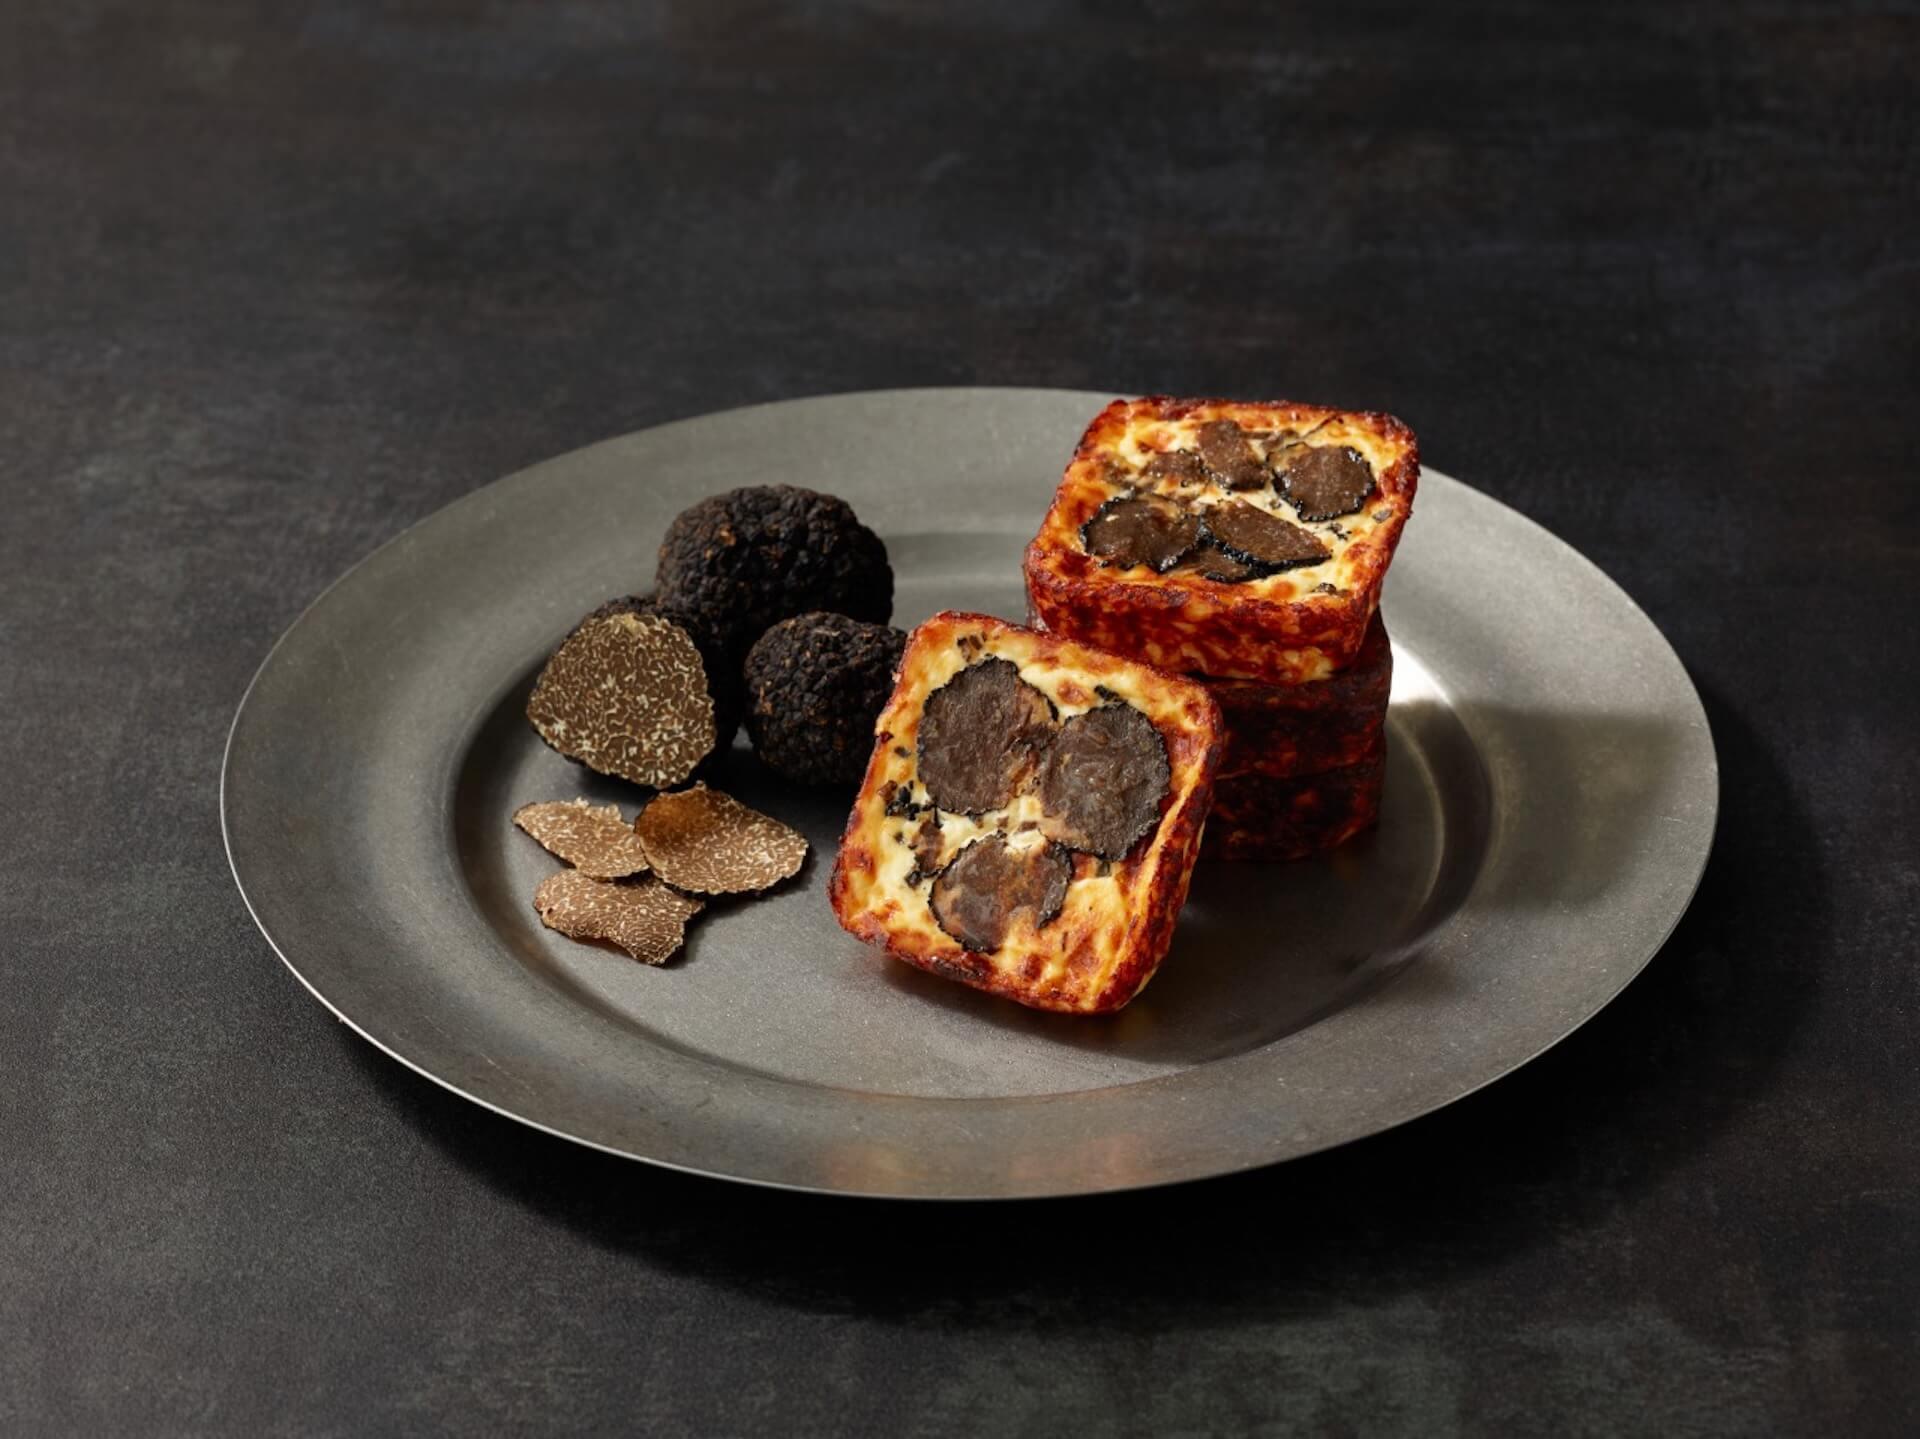 手のひらバスクチーズケーキで人気のBLOCK BLOCK TOKYOが東急フードショーに出店!9種のフレーバーが登場 gourmet211014_block_block_tokyo_05